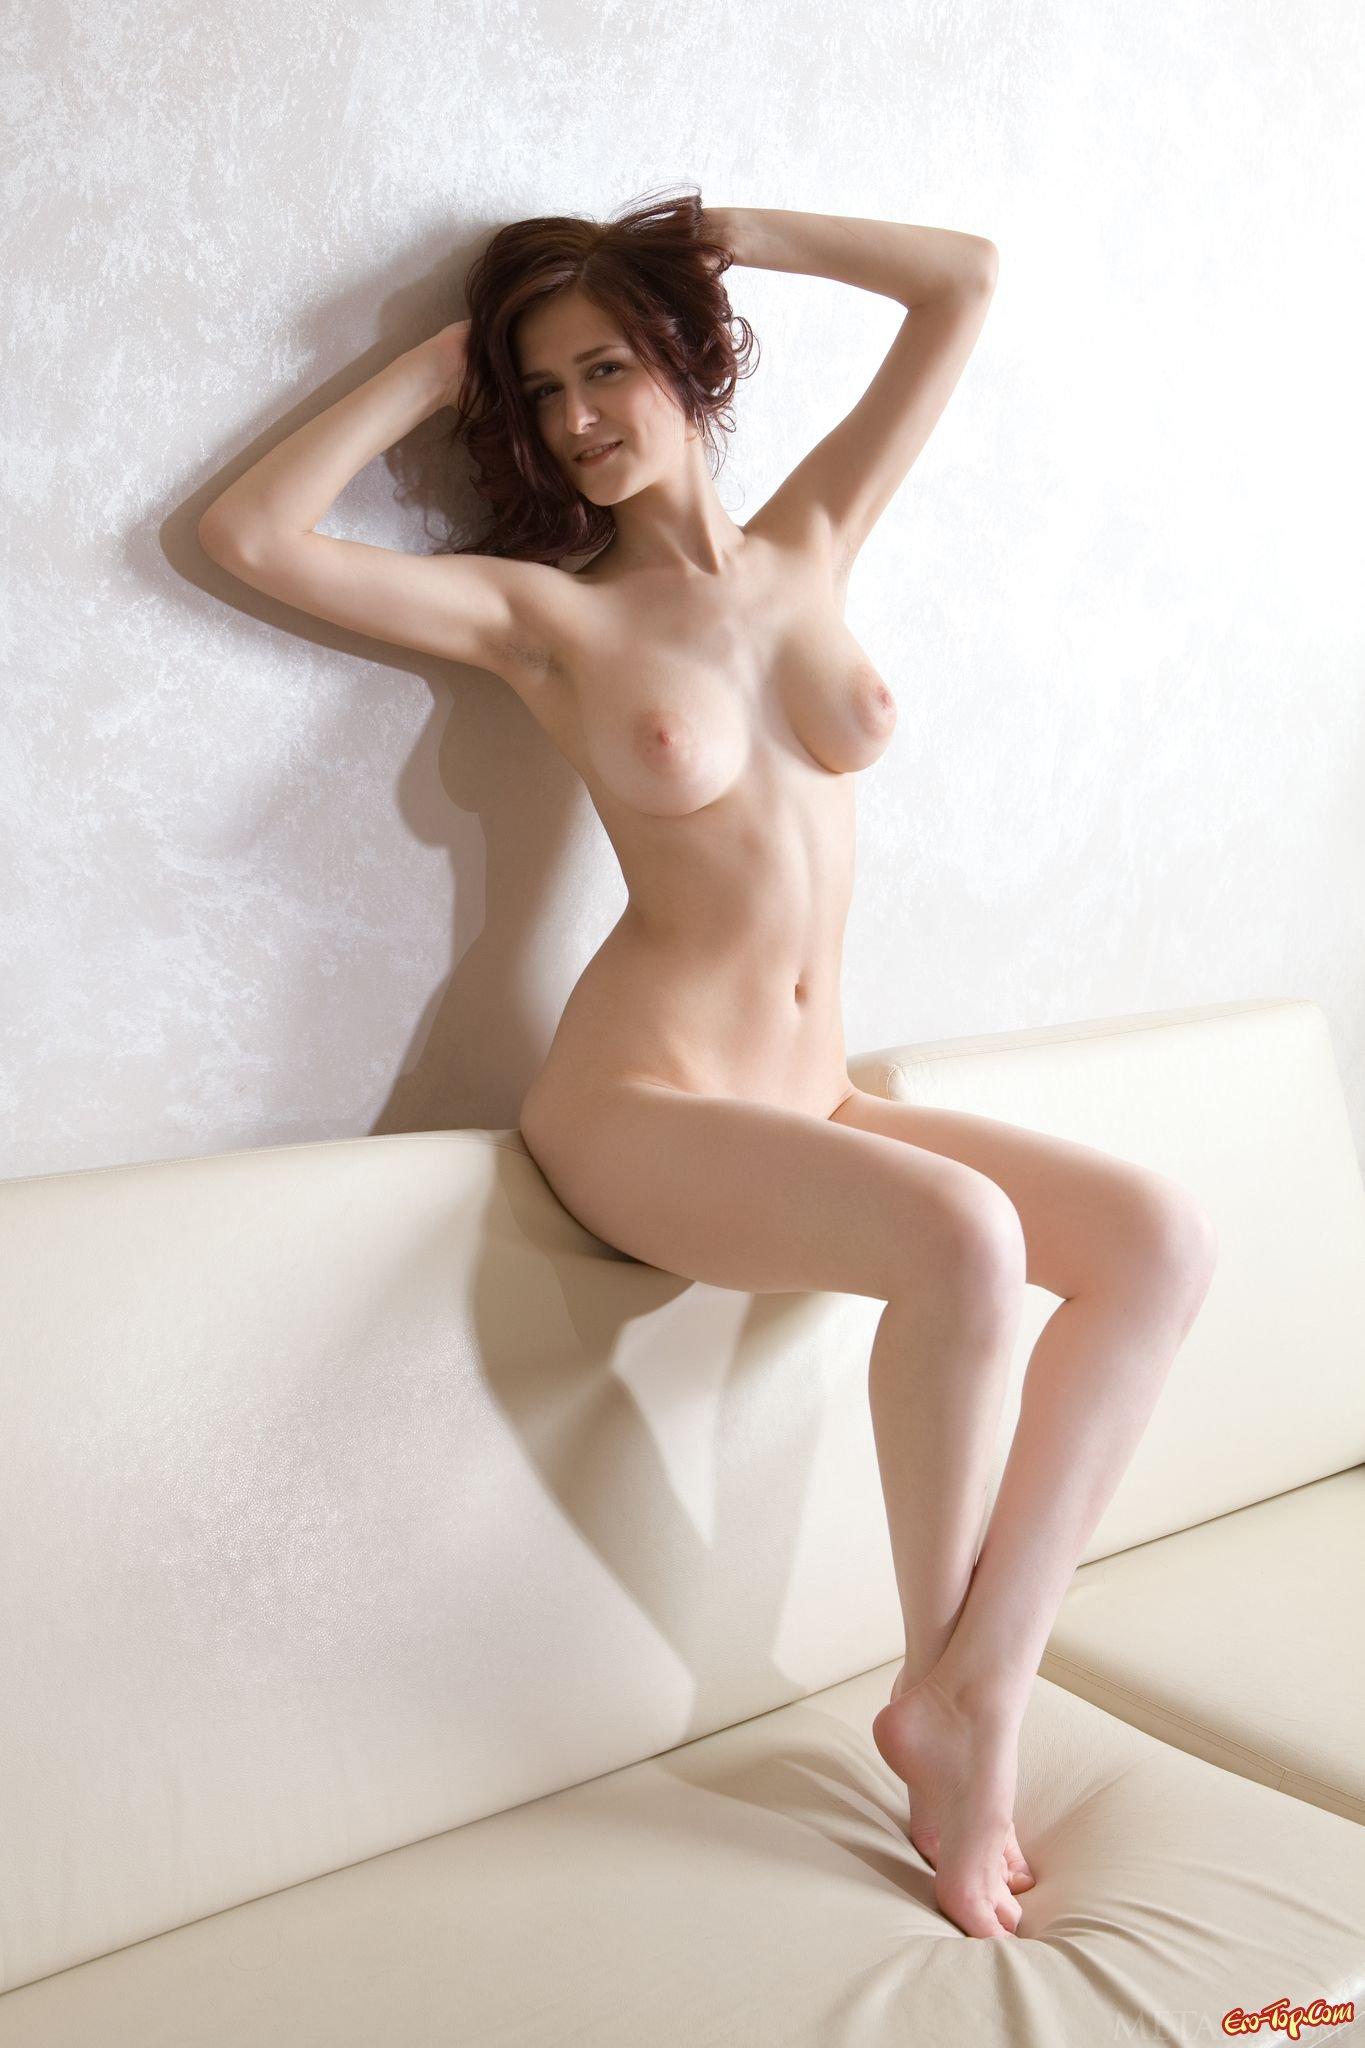 Роскошная обнаженная задница